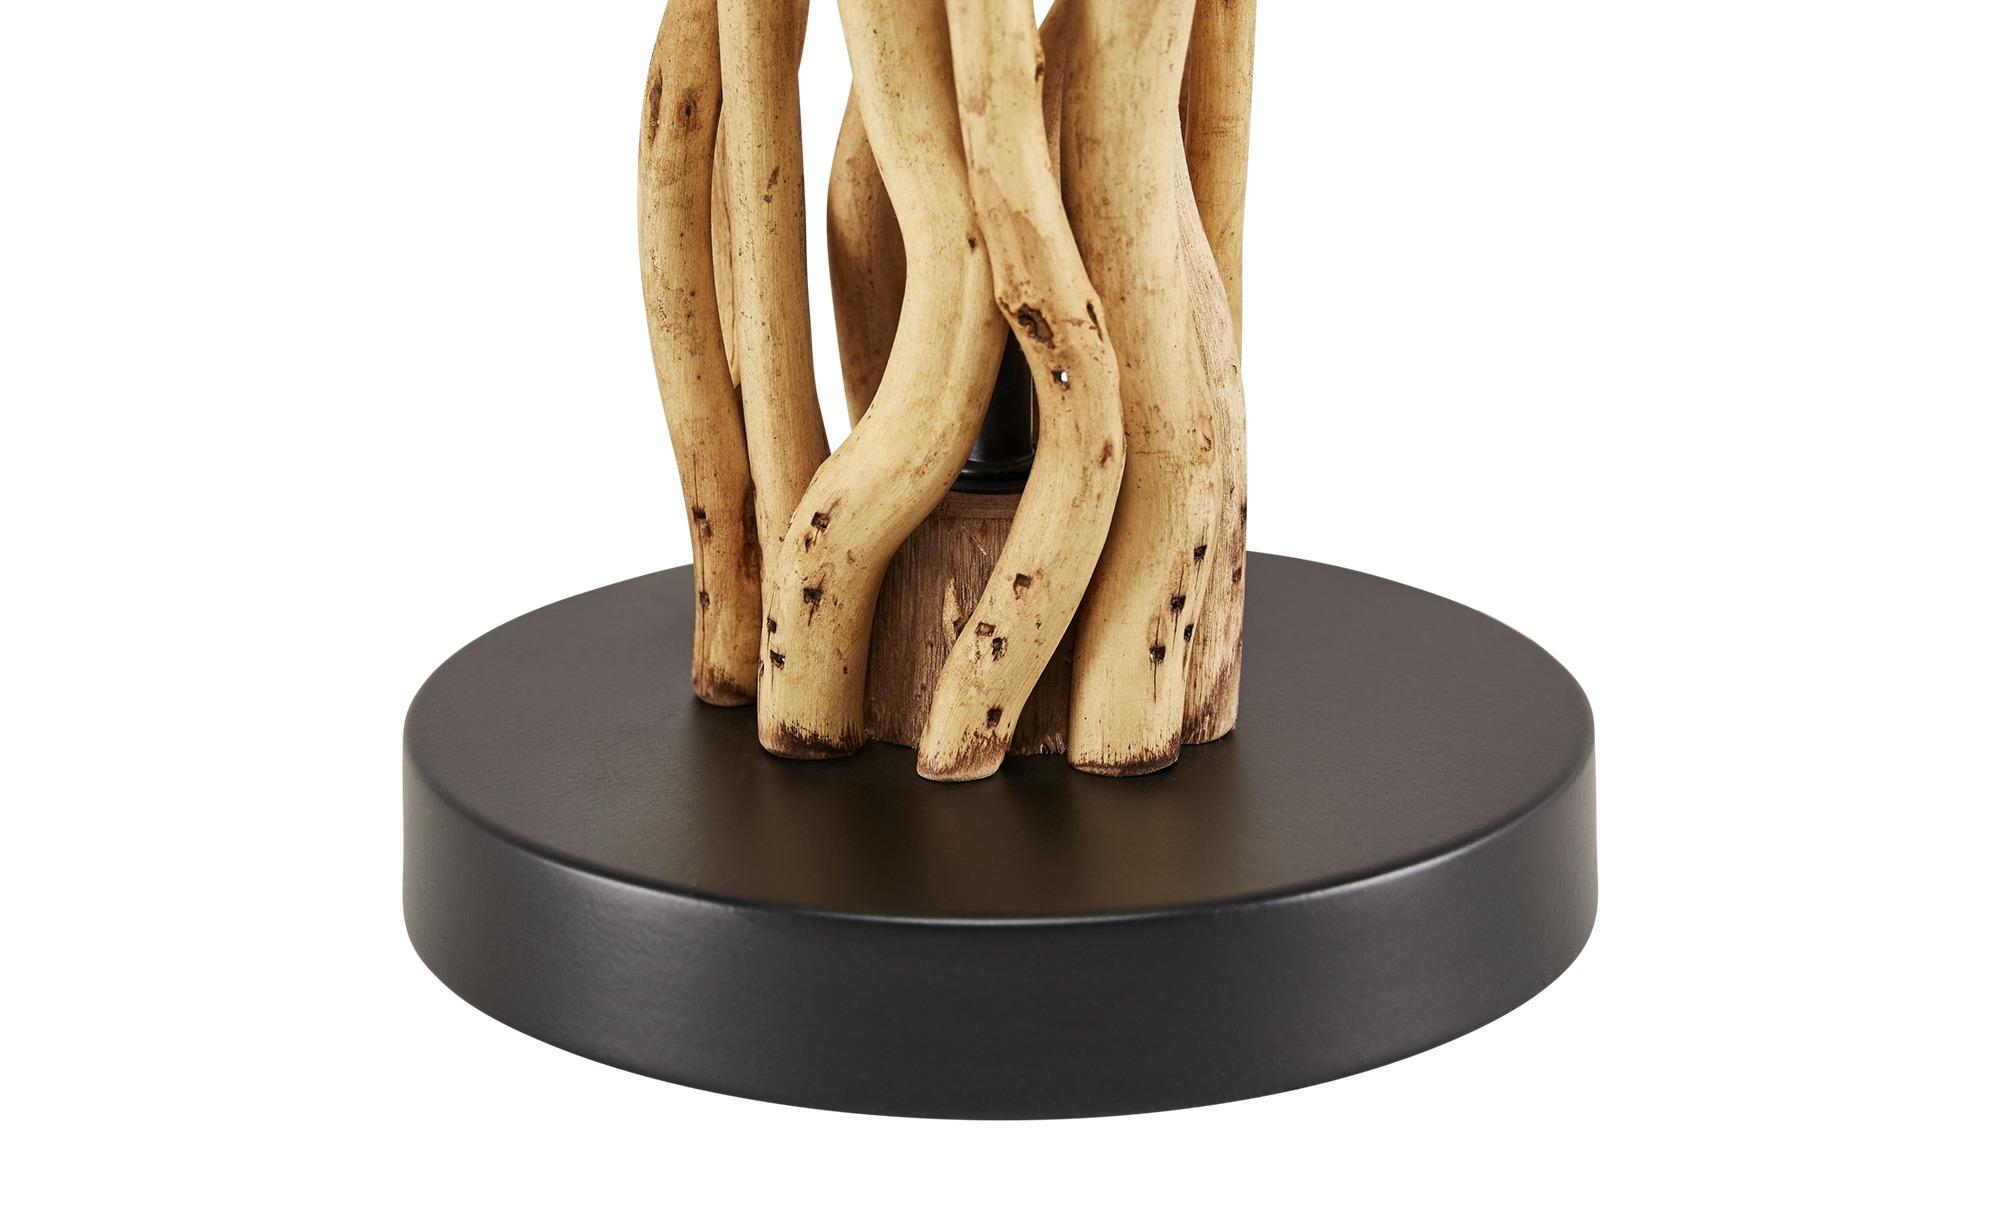 HOME STORY Tischleuchte, 1-flammig, Fuß mit Holz ¦ braun ¦ Maße (cm): H: 55 Ø: 25 Lampen & Leuchten > Innenleuchten > Tischlampen - Höffner